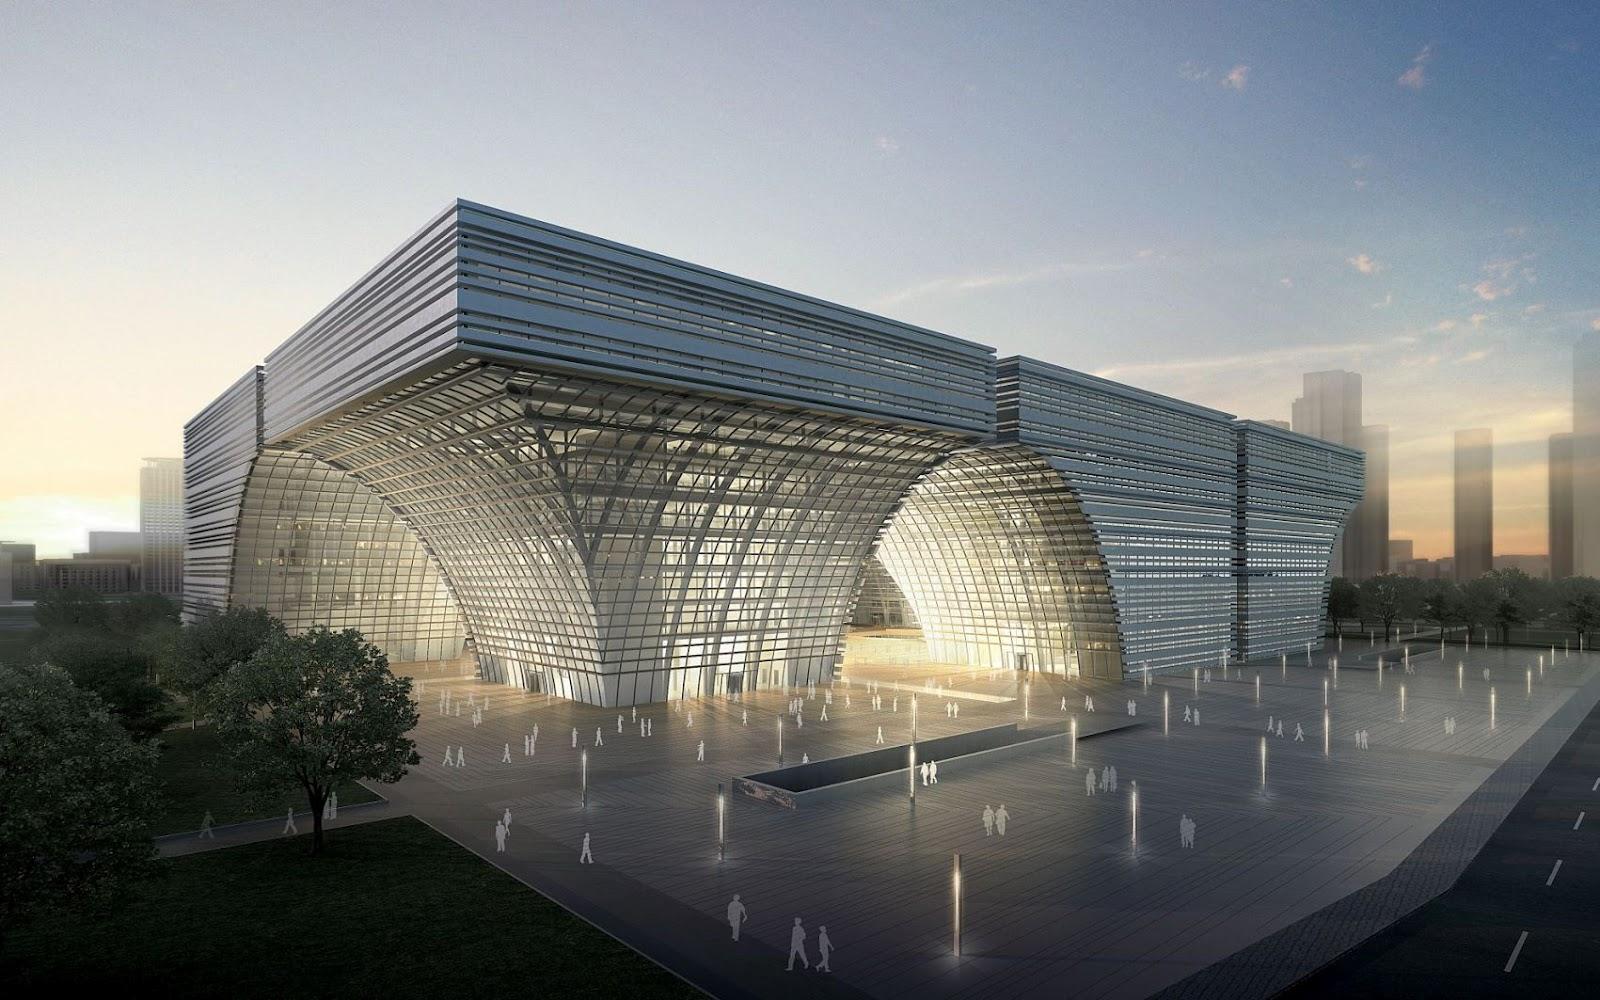 Changzhou culture center by gmp architekten a as - Gmp architektur ...